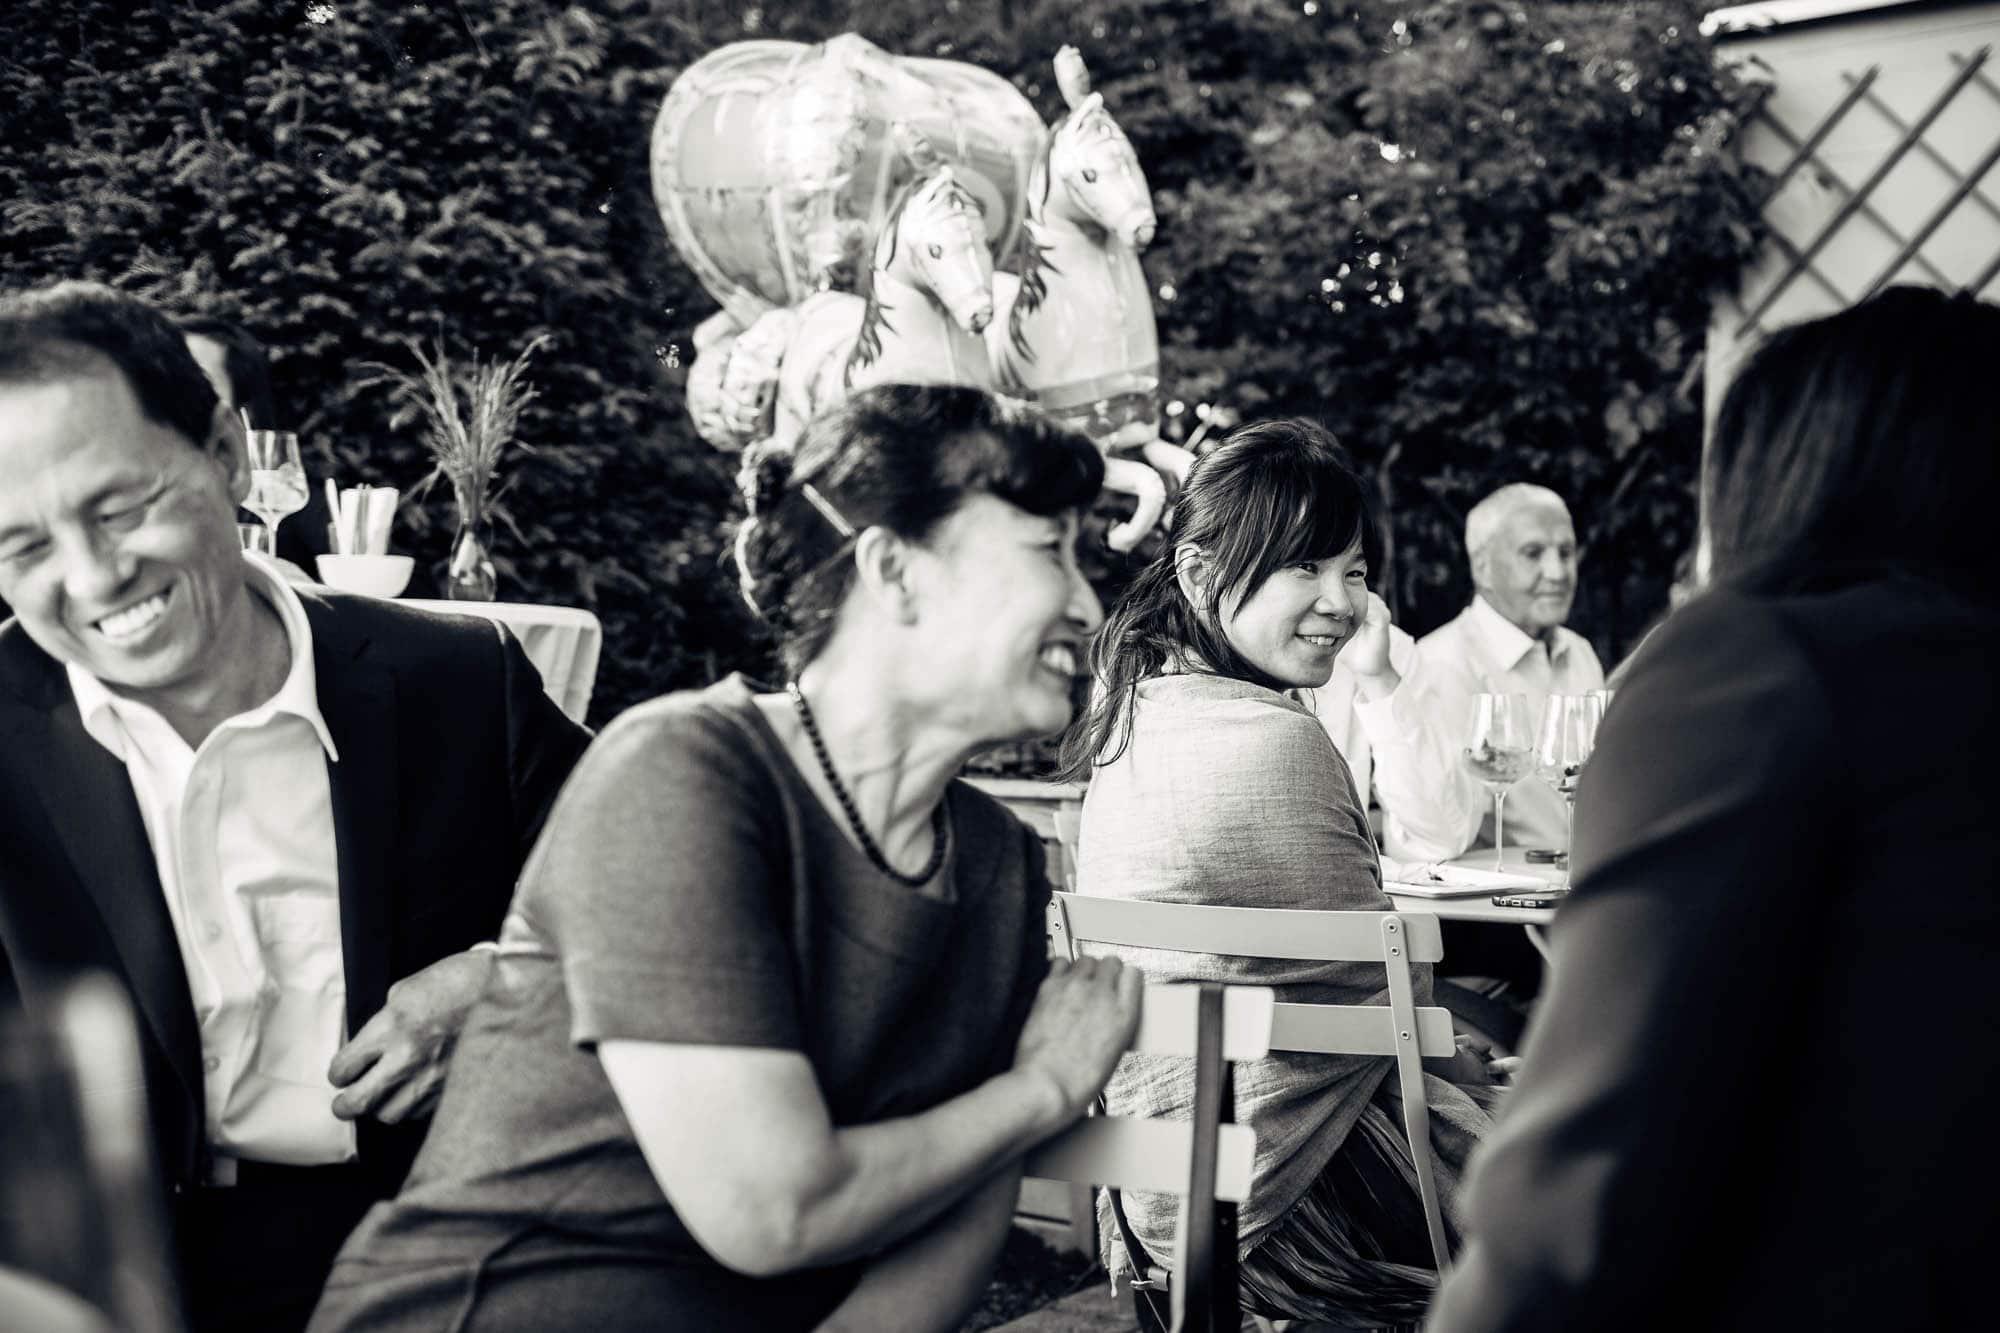 Asiatische Gäste amüsieren sich